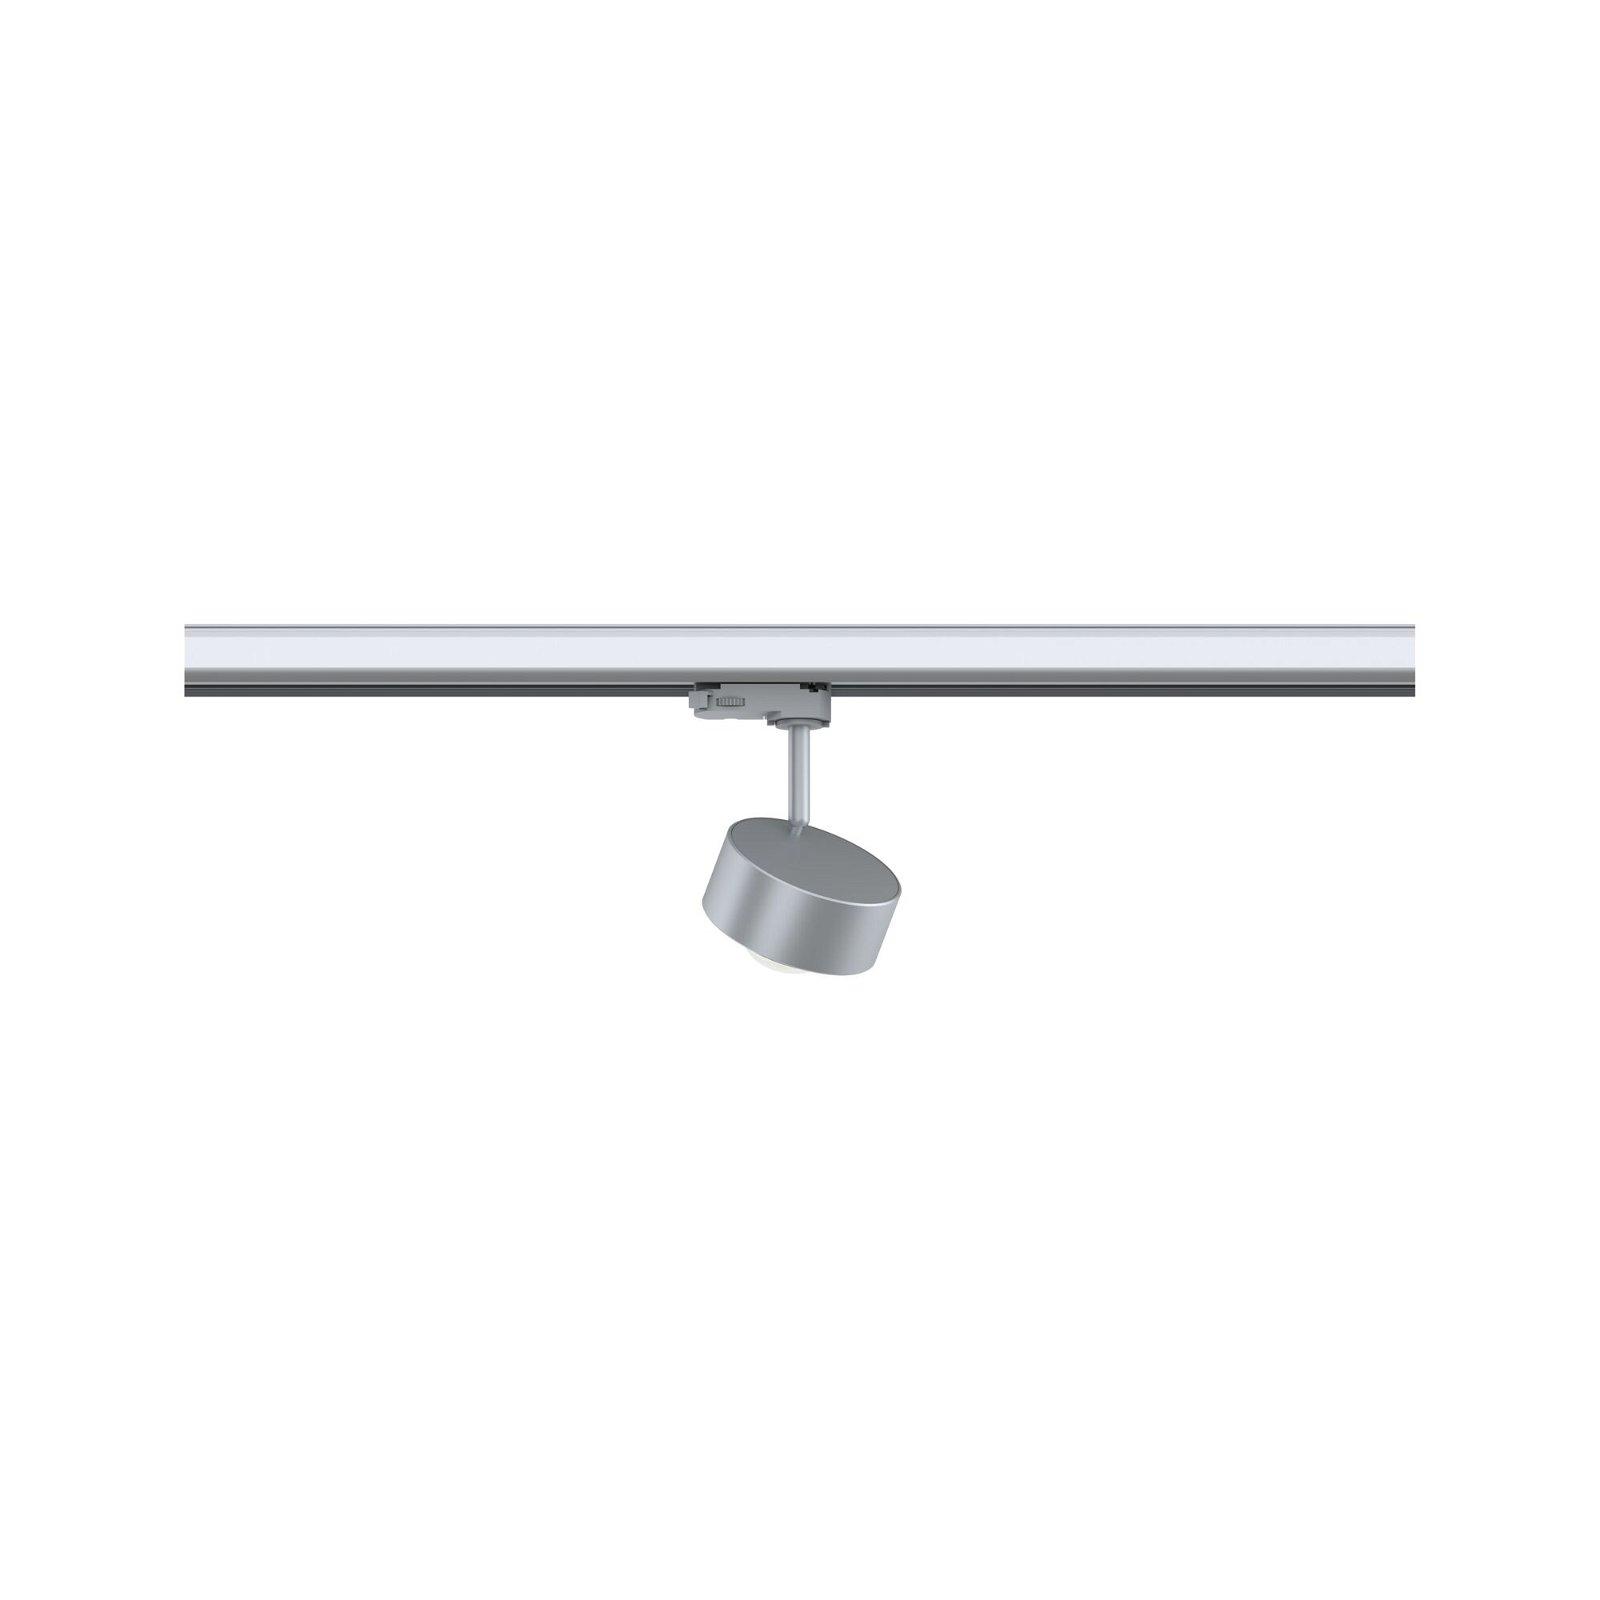 ProRail3 LED Schienenspot Aldan 800lm 8,2W 4000K 230V Silber/Schwarz